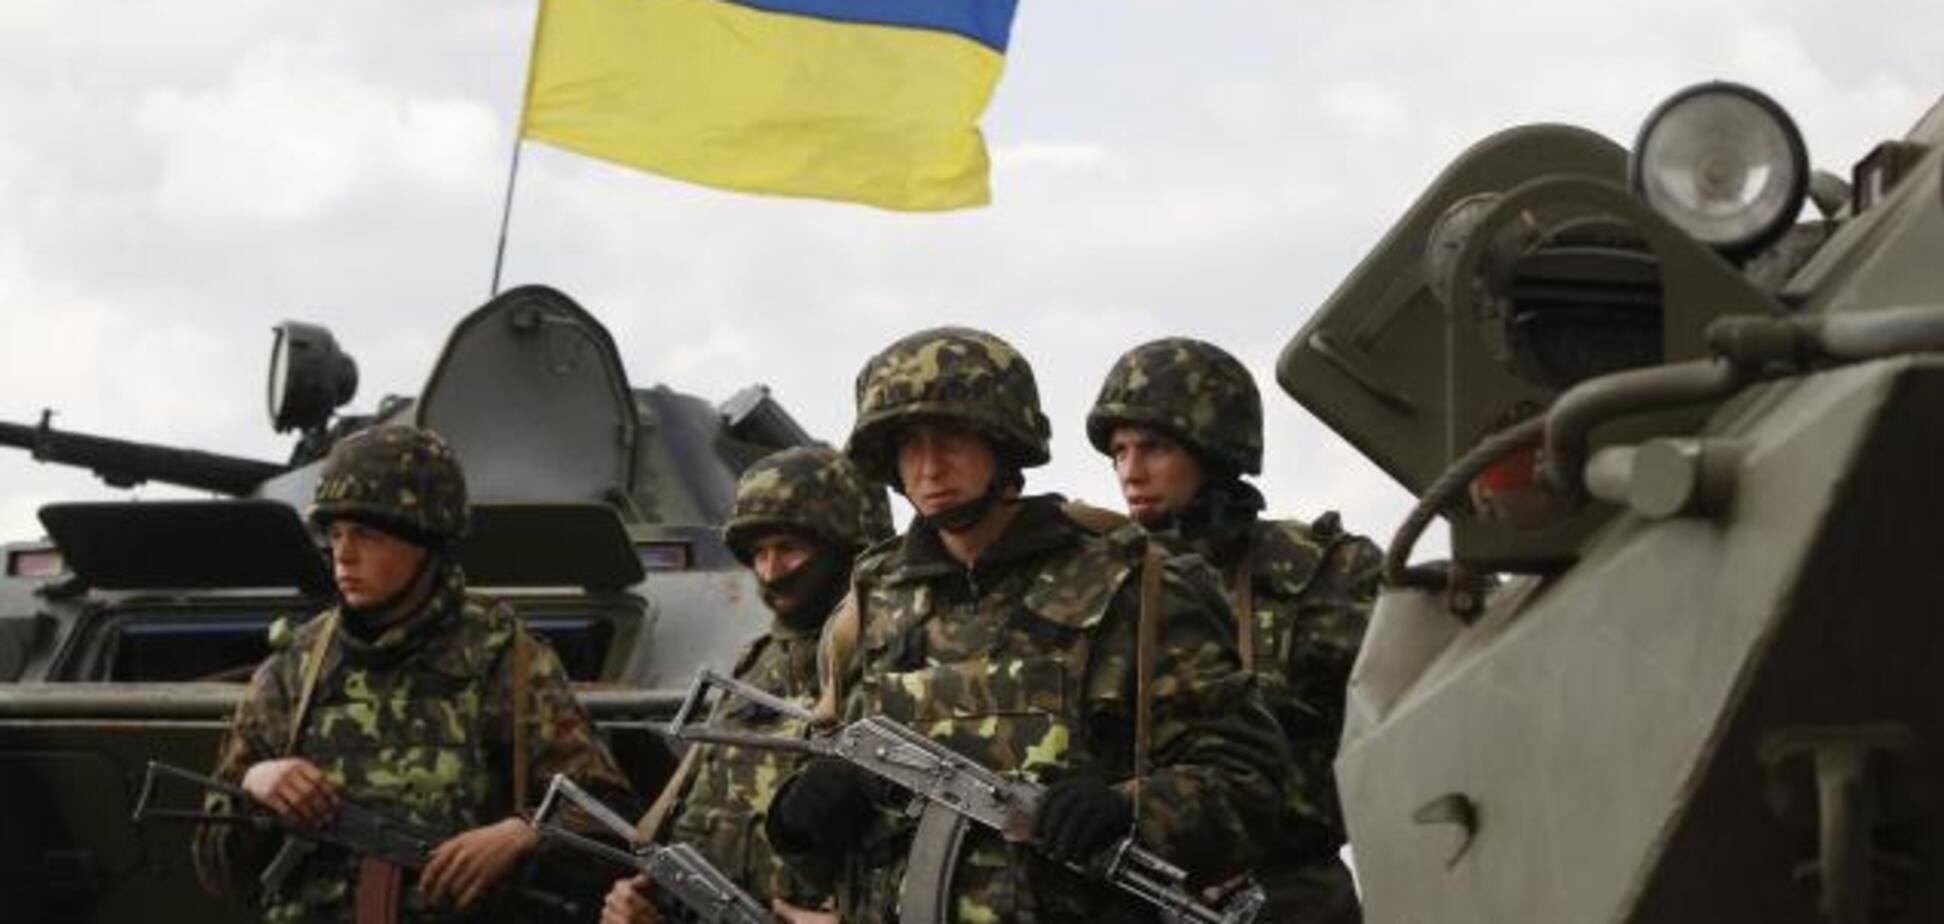 Армия Украины против армии РФ: генерал сравнил силы по трем критериям